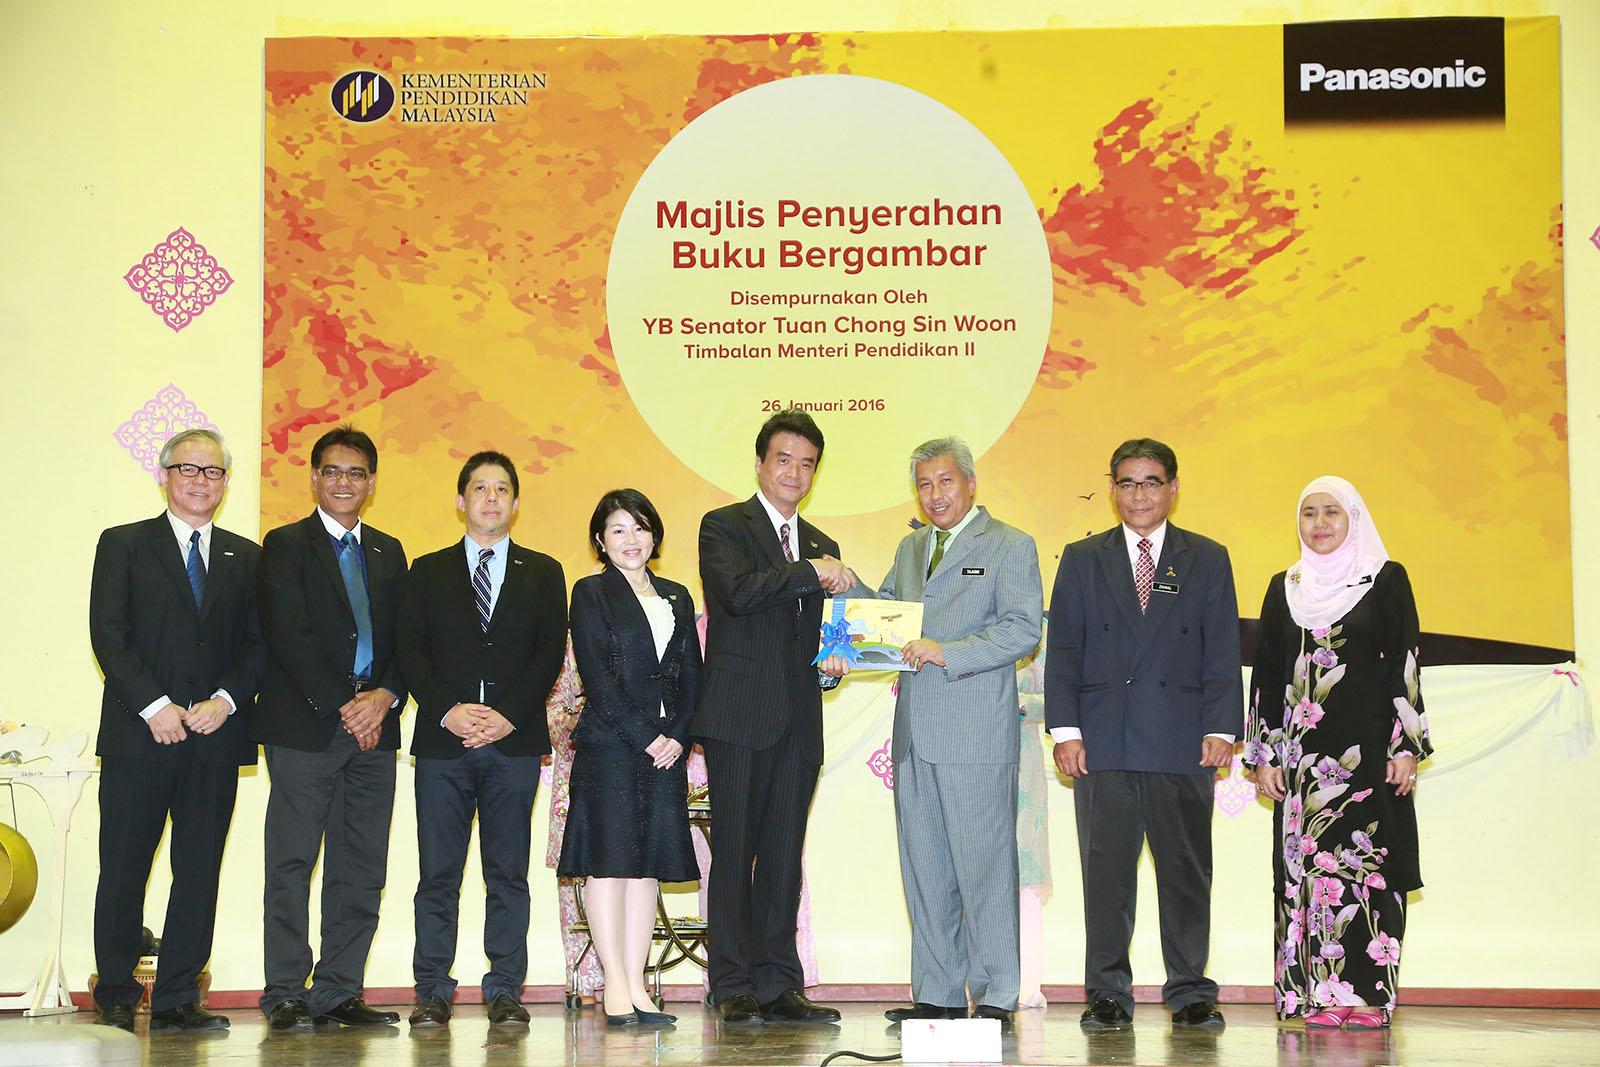 パナソニックがマレーシアの子どもたちに1万6千冊の絵本を寄贈